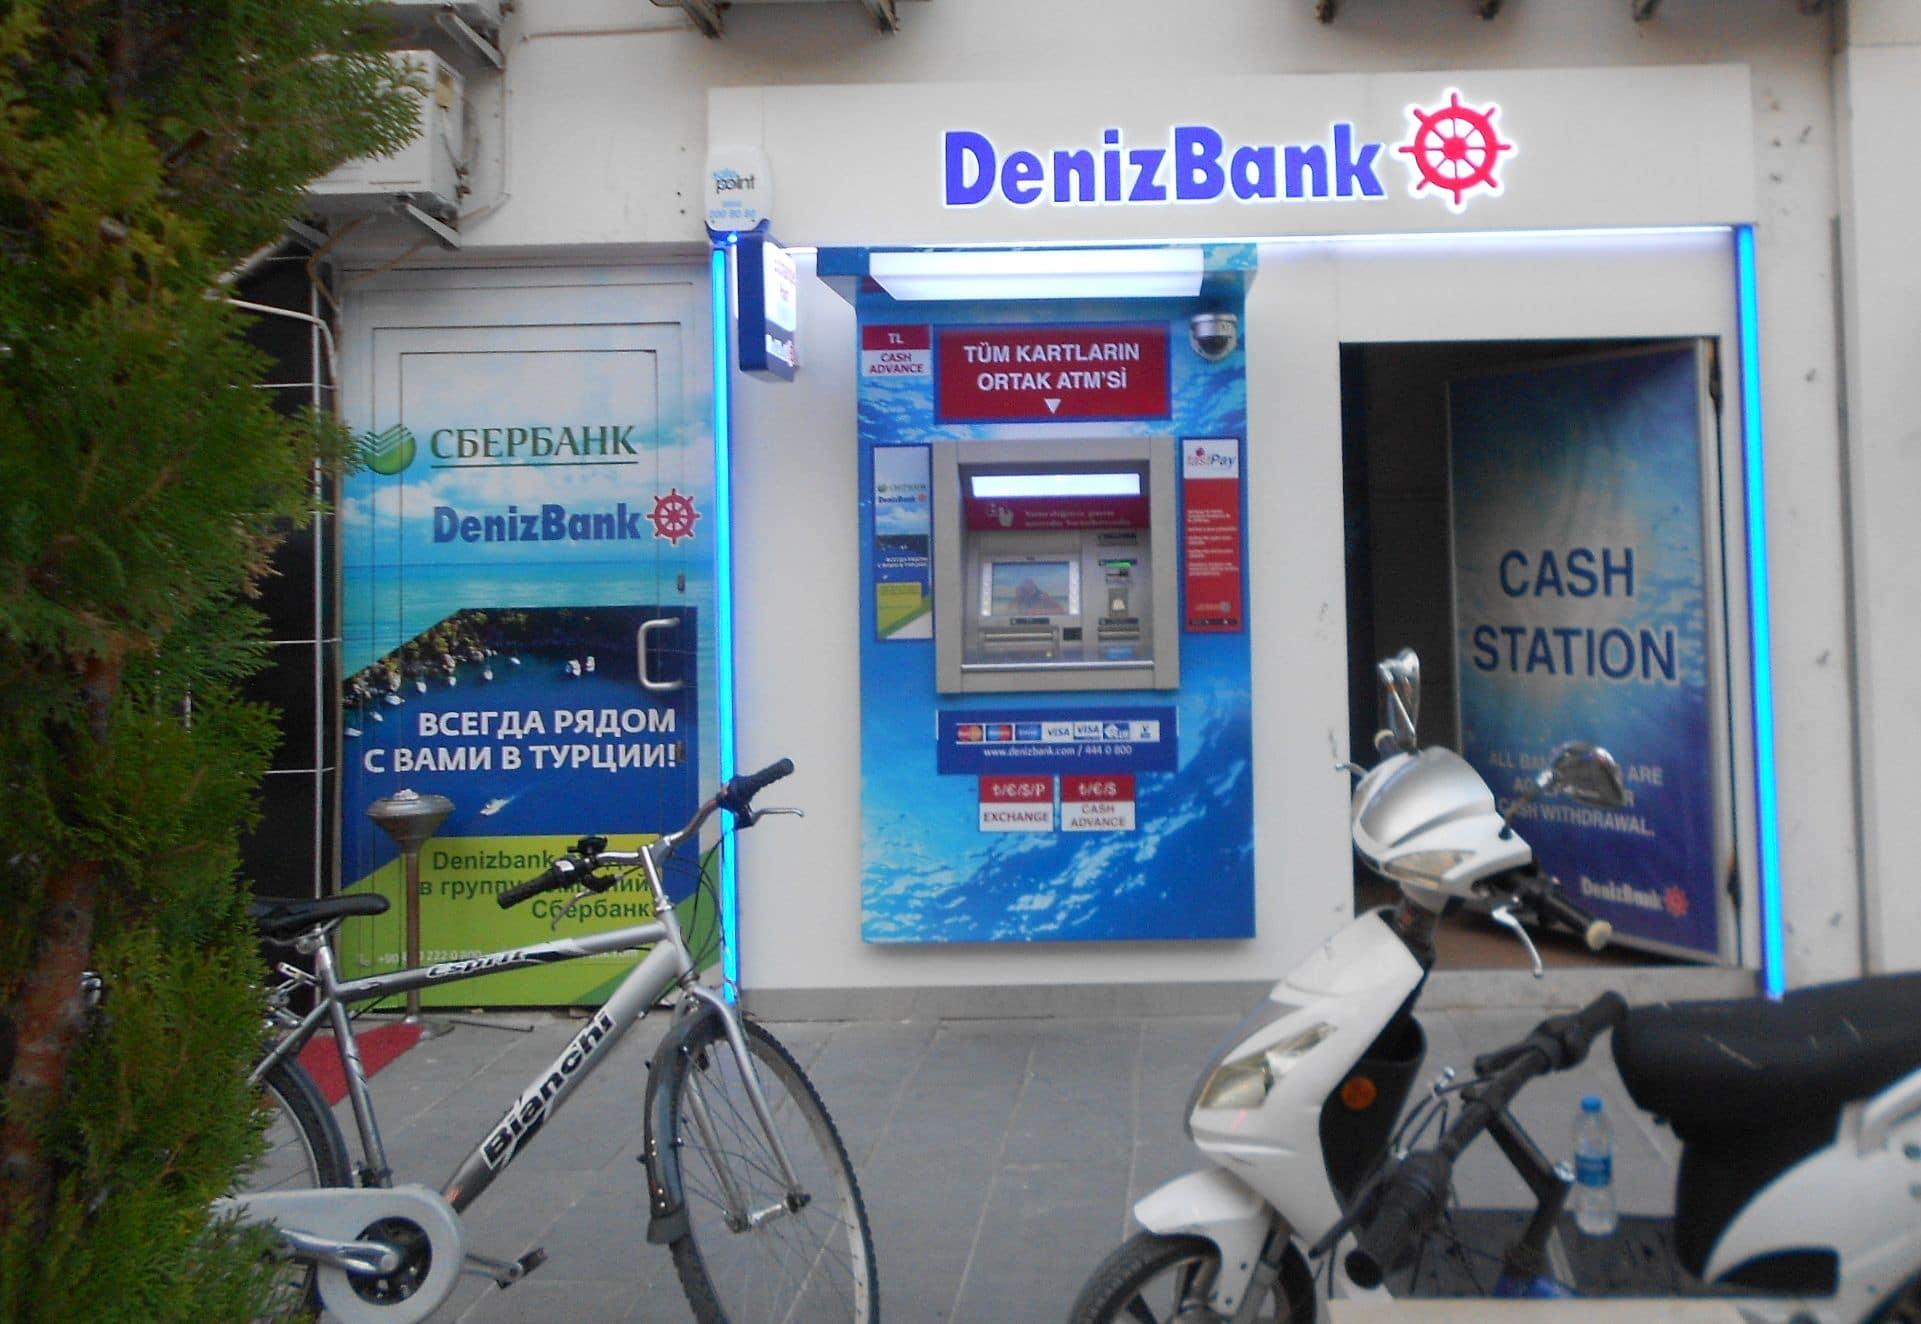 Банкомат Денизбанк - дочерная банка Сбербанка